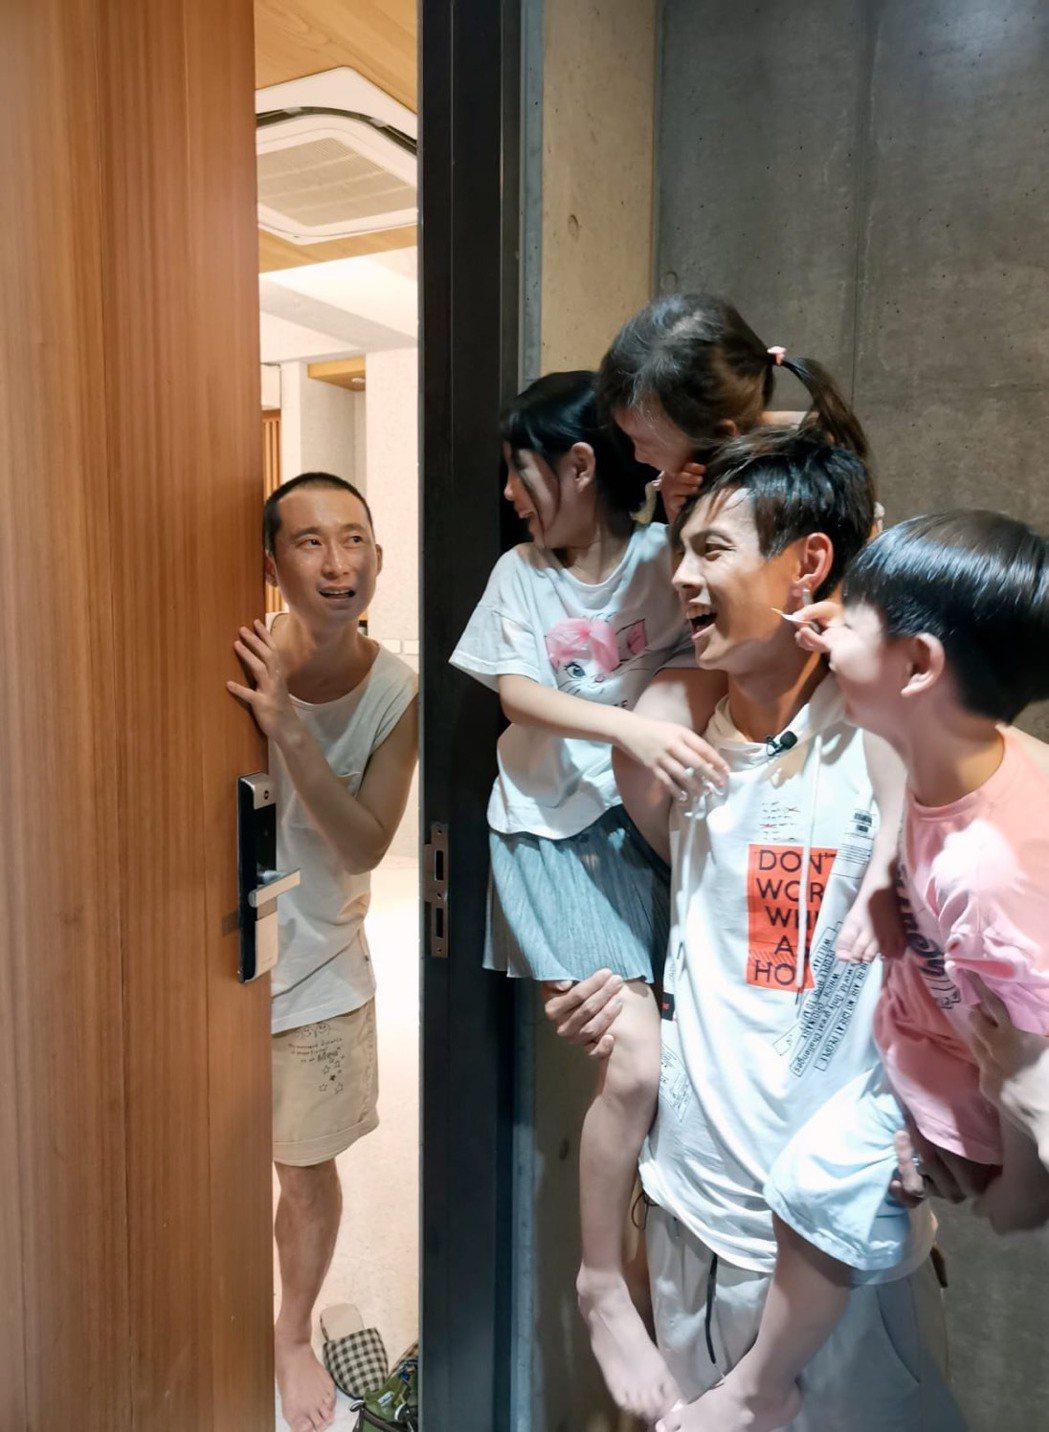 阿翔(右)帶著3個小孩來敲浩子的門,浩子大驚「我不是在度假嗎,為何變成工作了」。